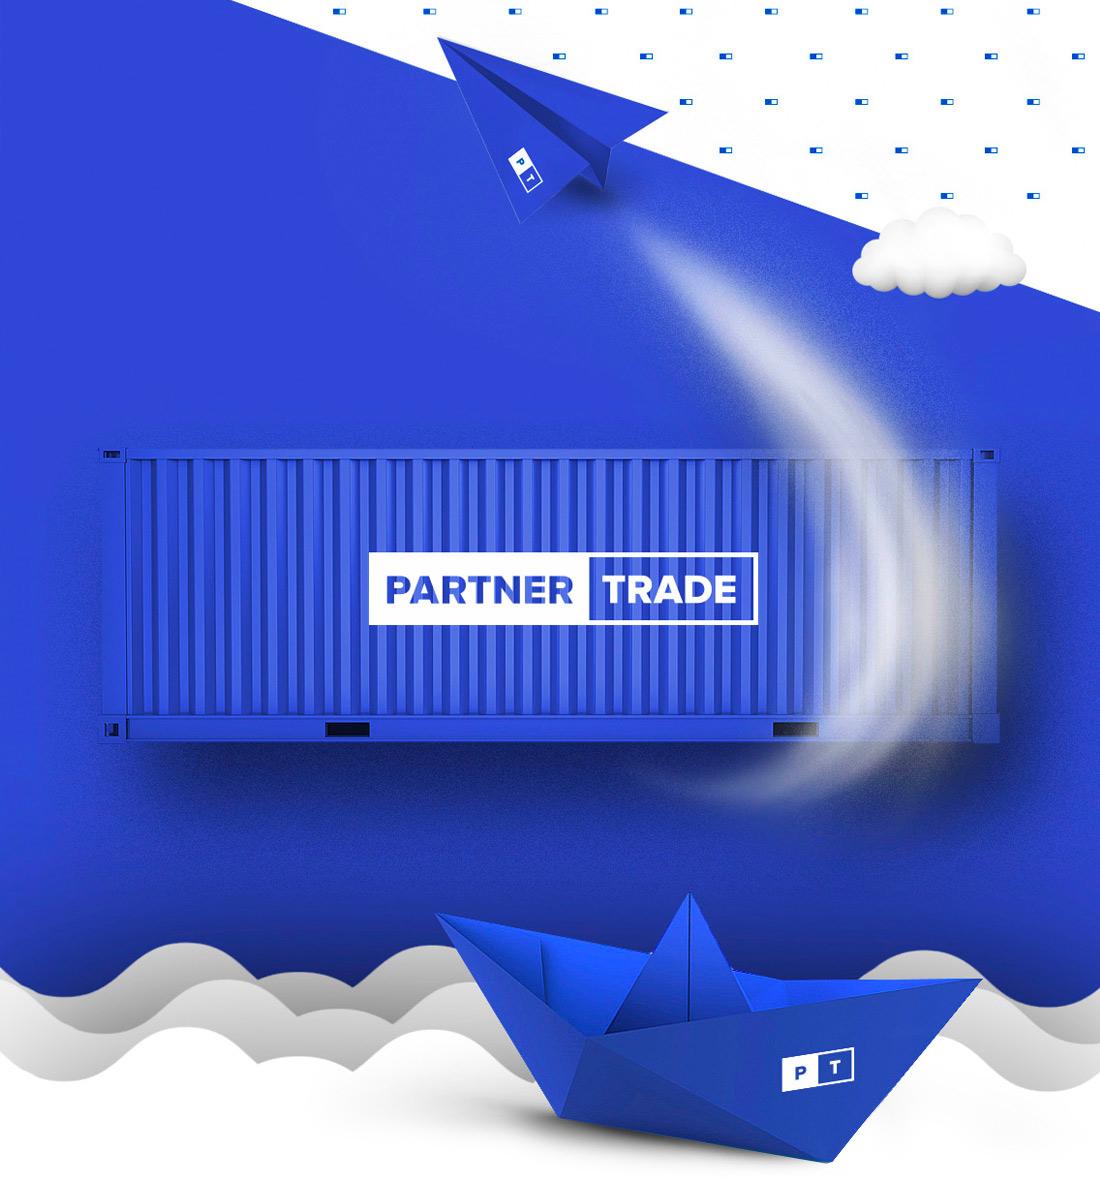 Разработка сайта компании Partner Trade